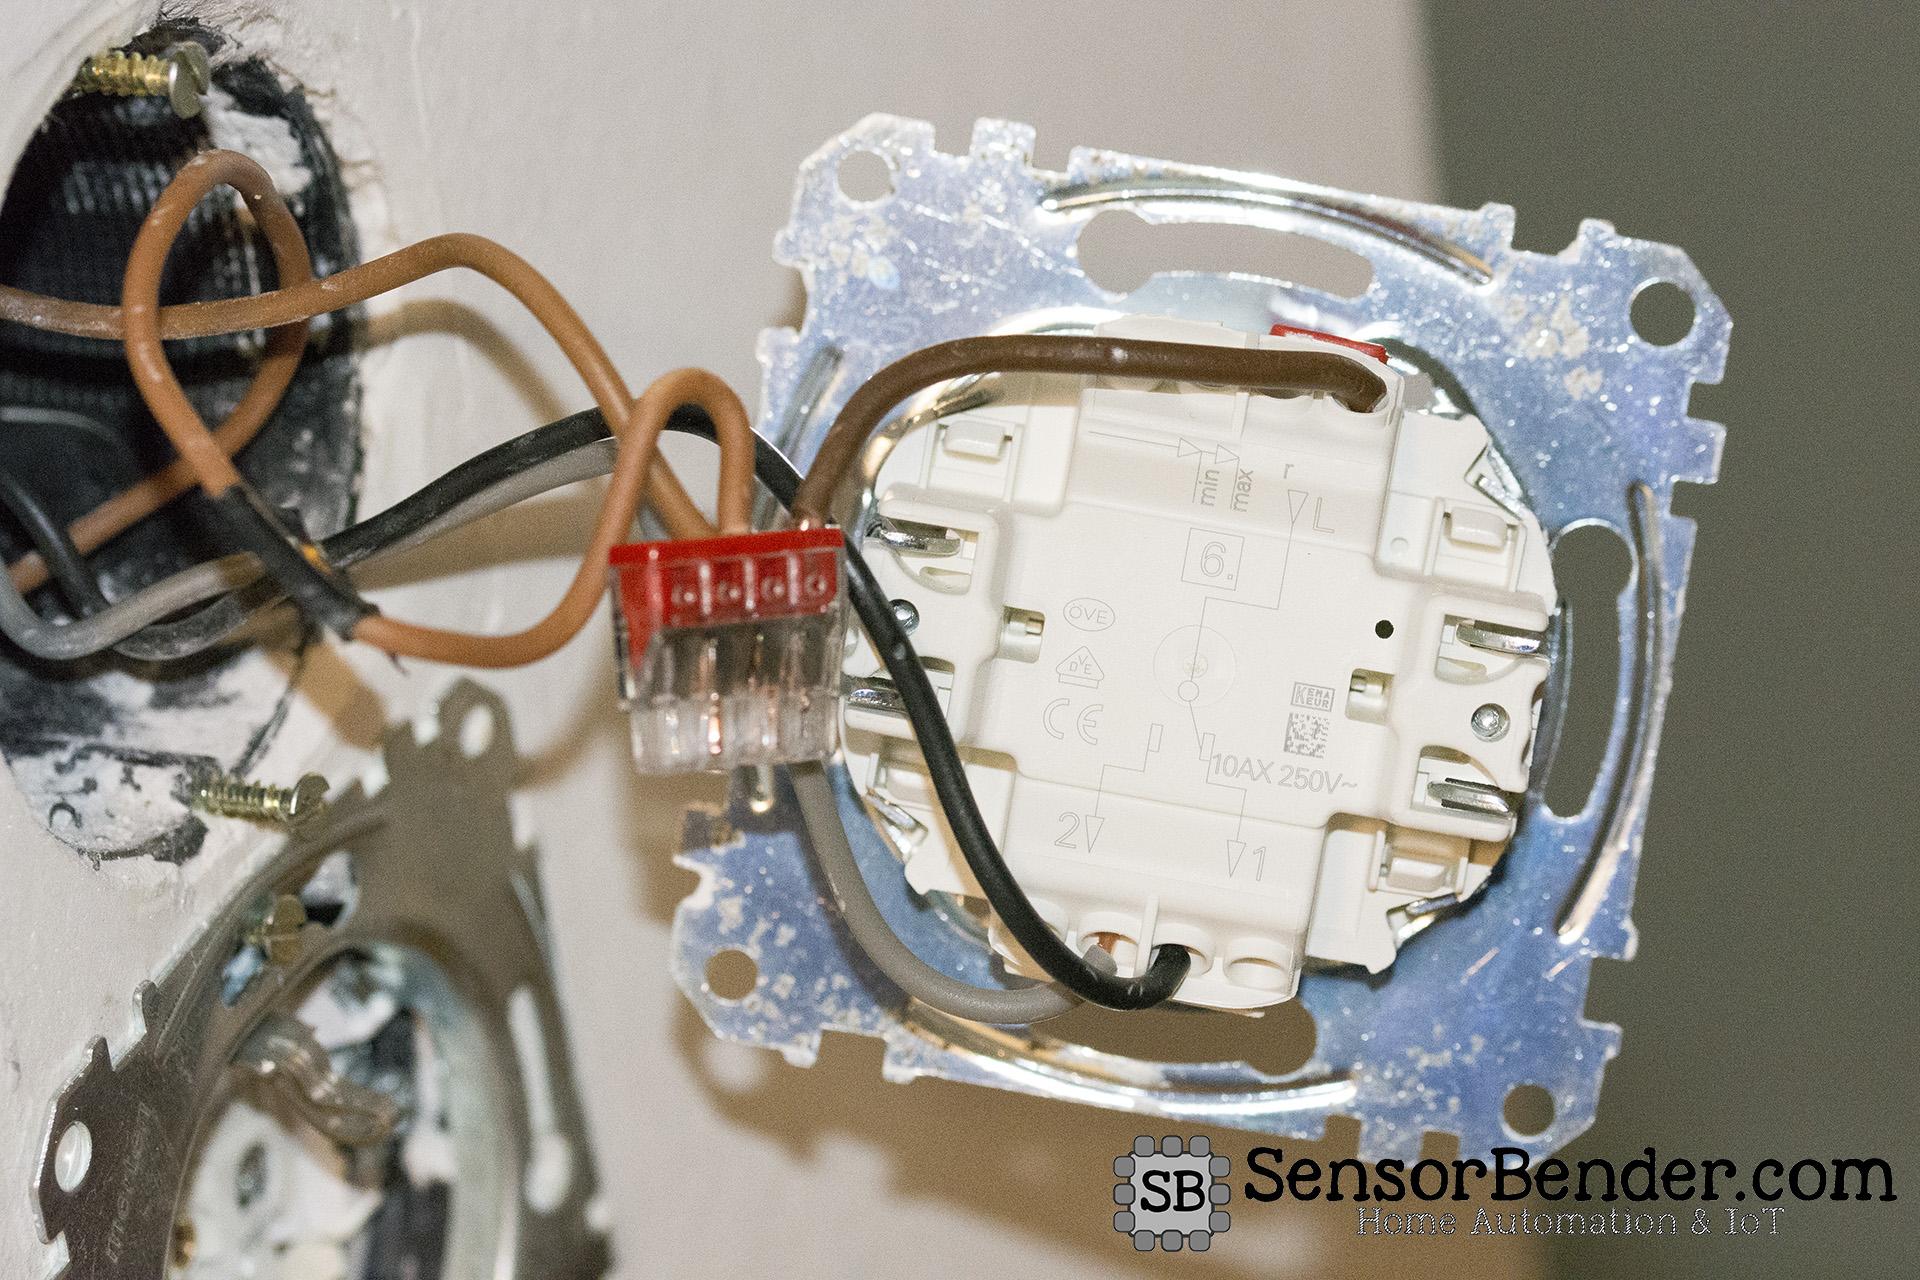 Wechselschaltung ohne COM-Link mit Fibaro Switch: Eingangswechselschalter von hinten